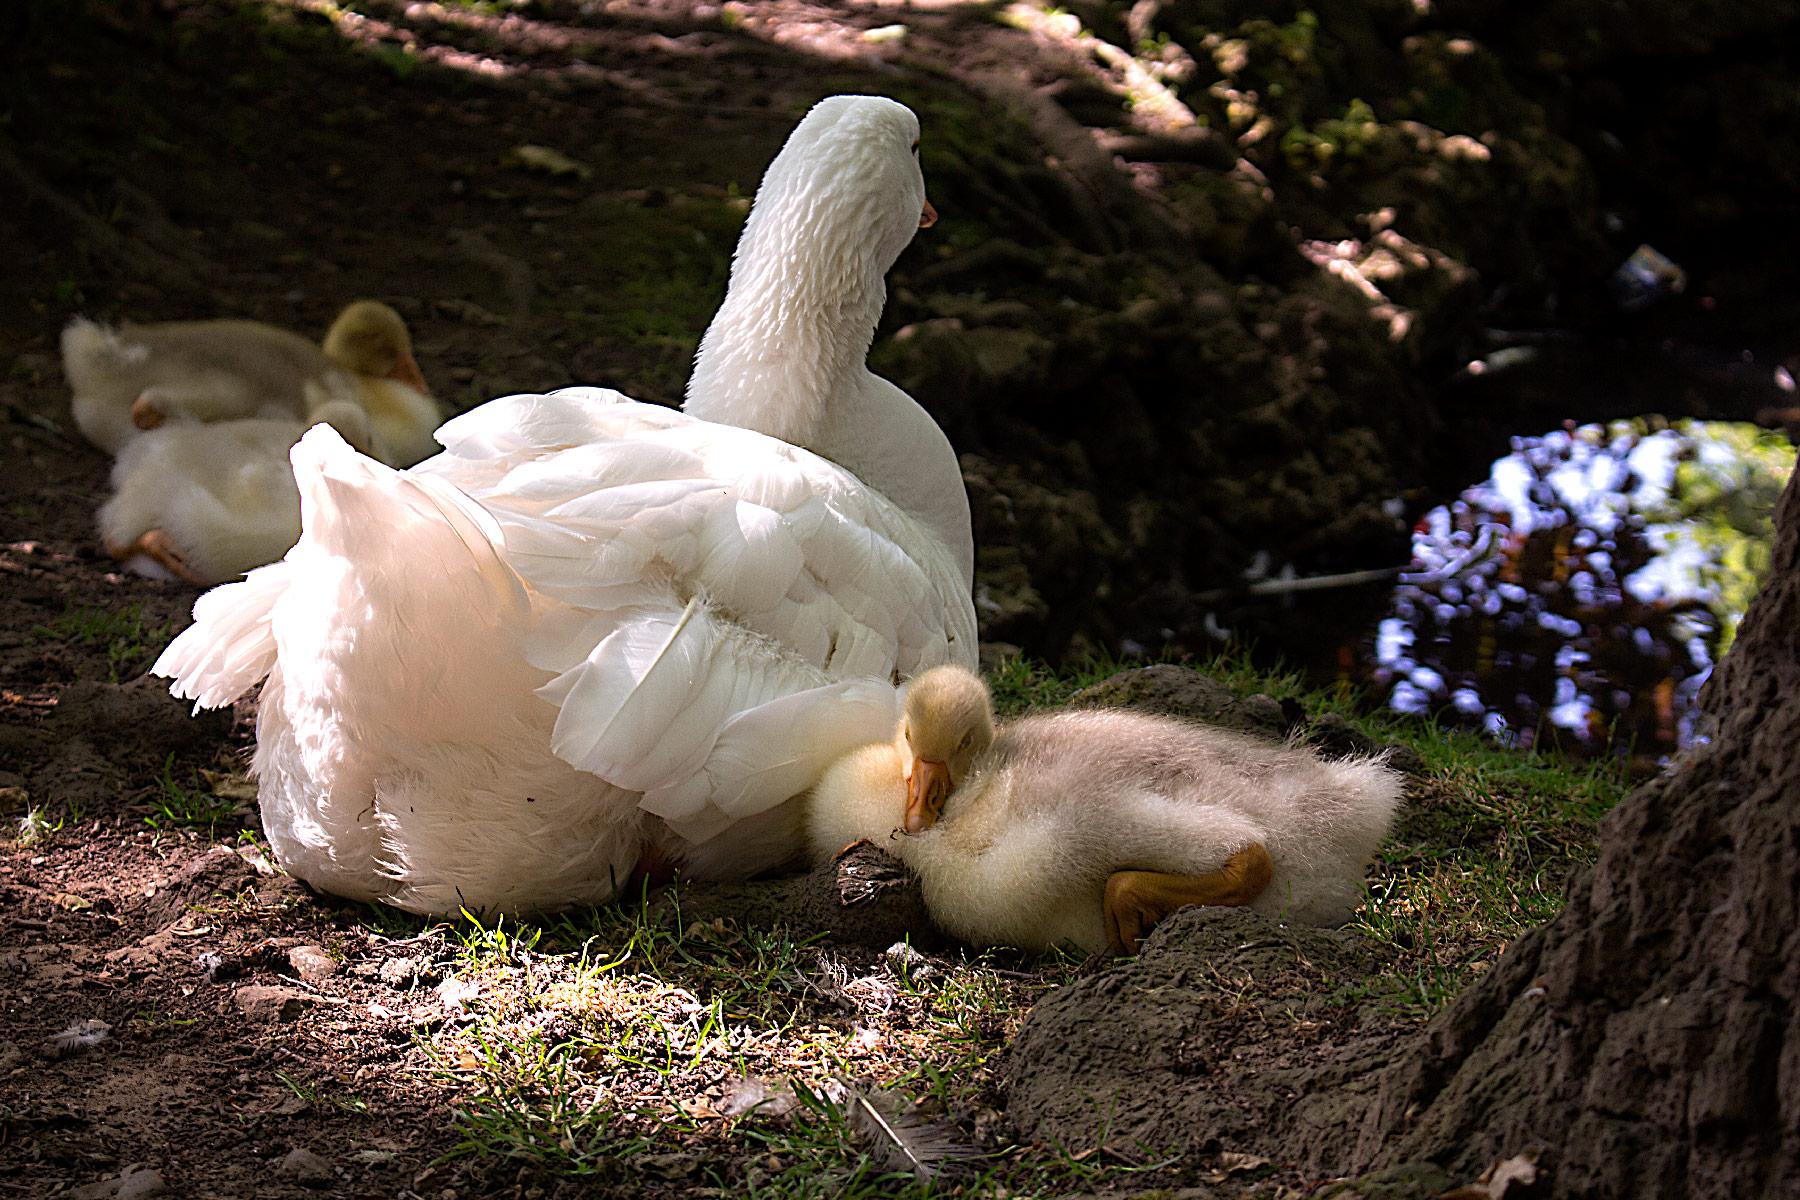 madre pato con su bebé pato